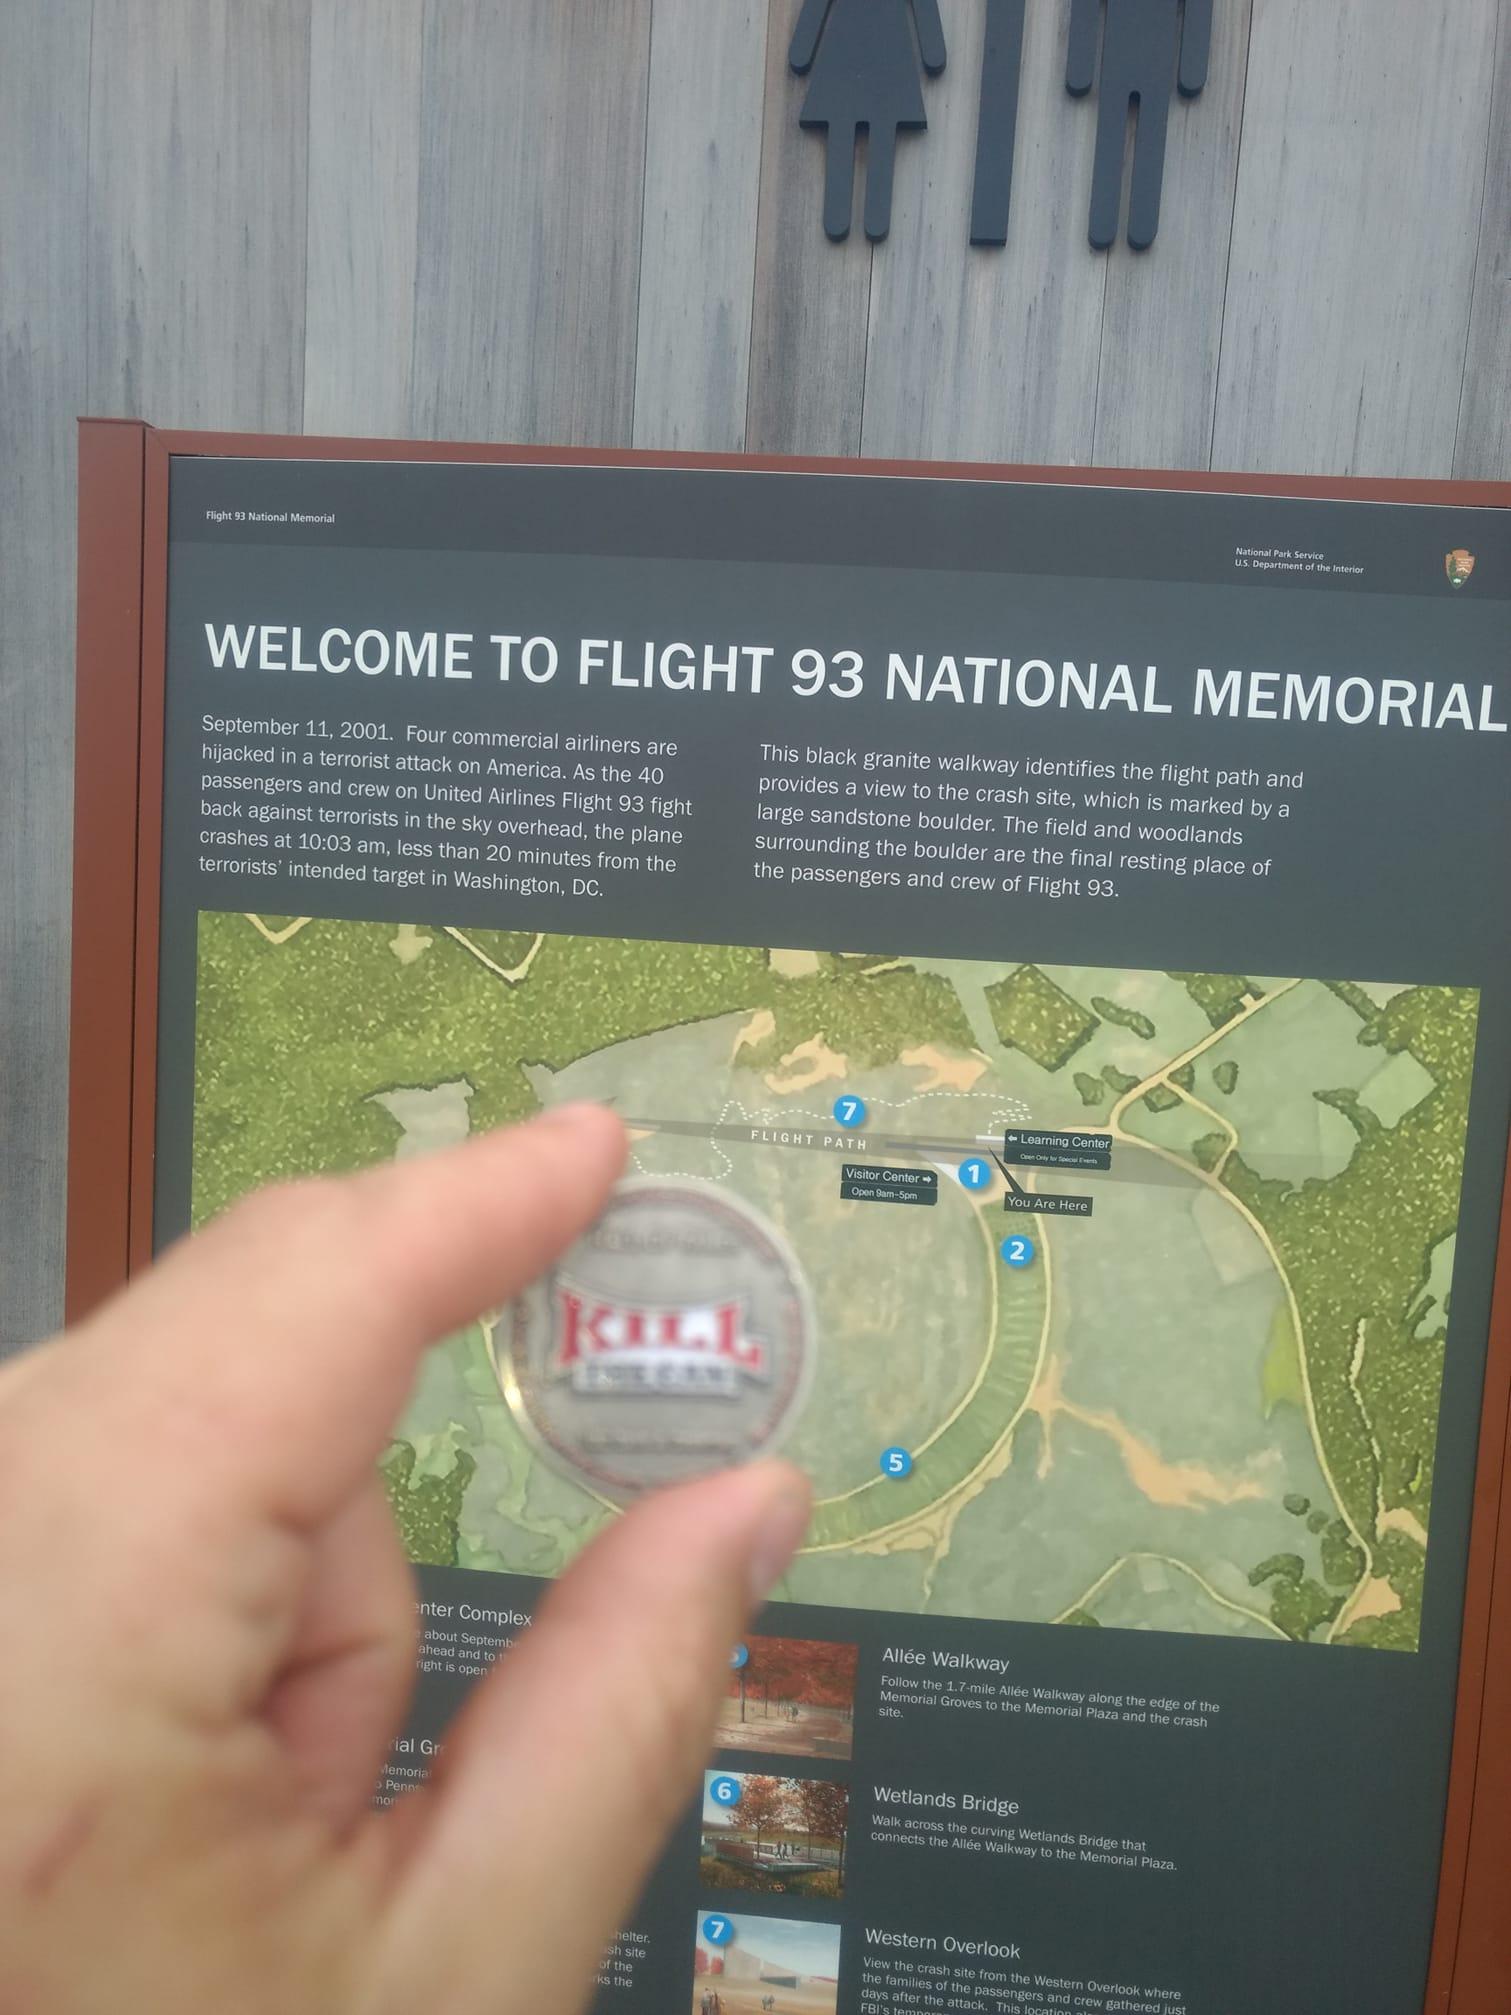 69franx - Flight 93 Memorial